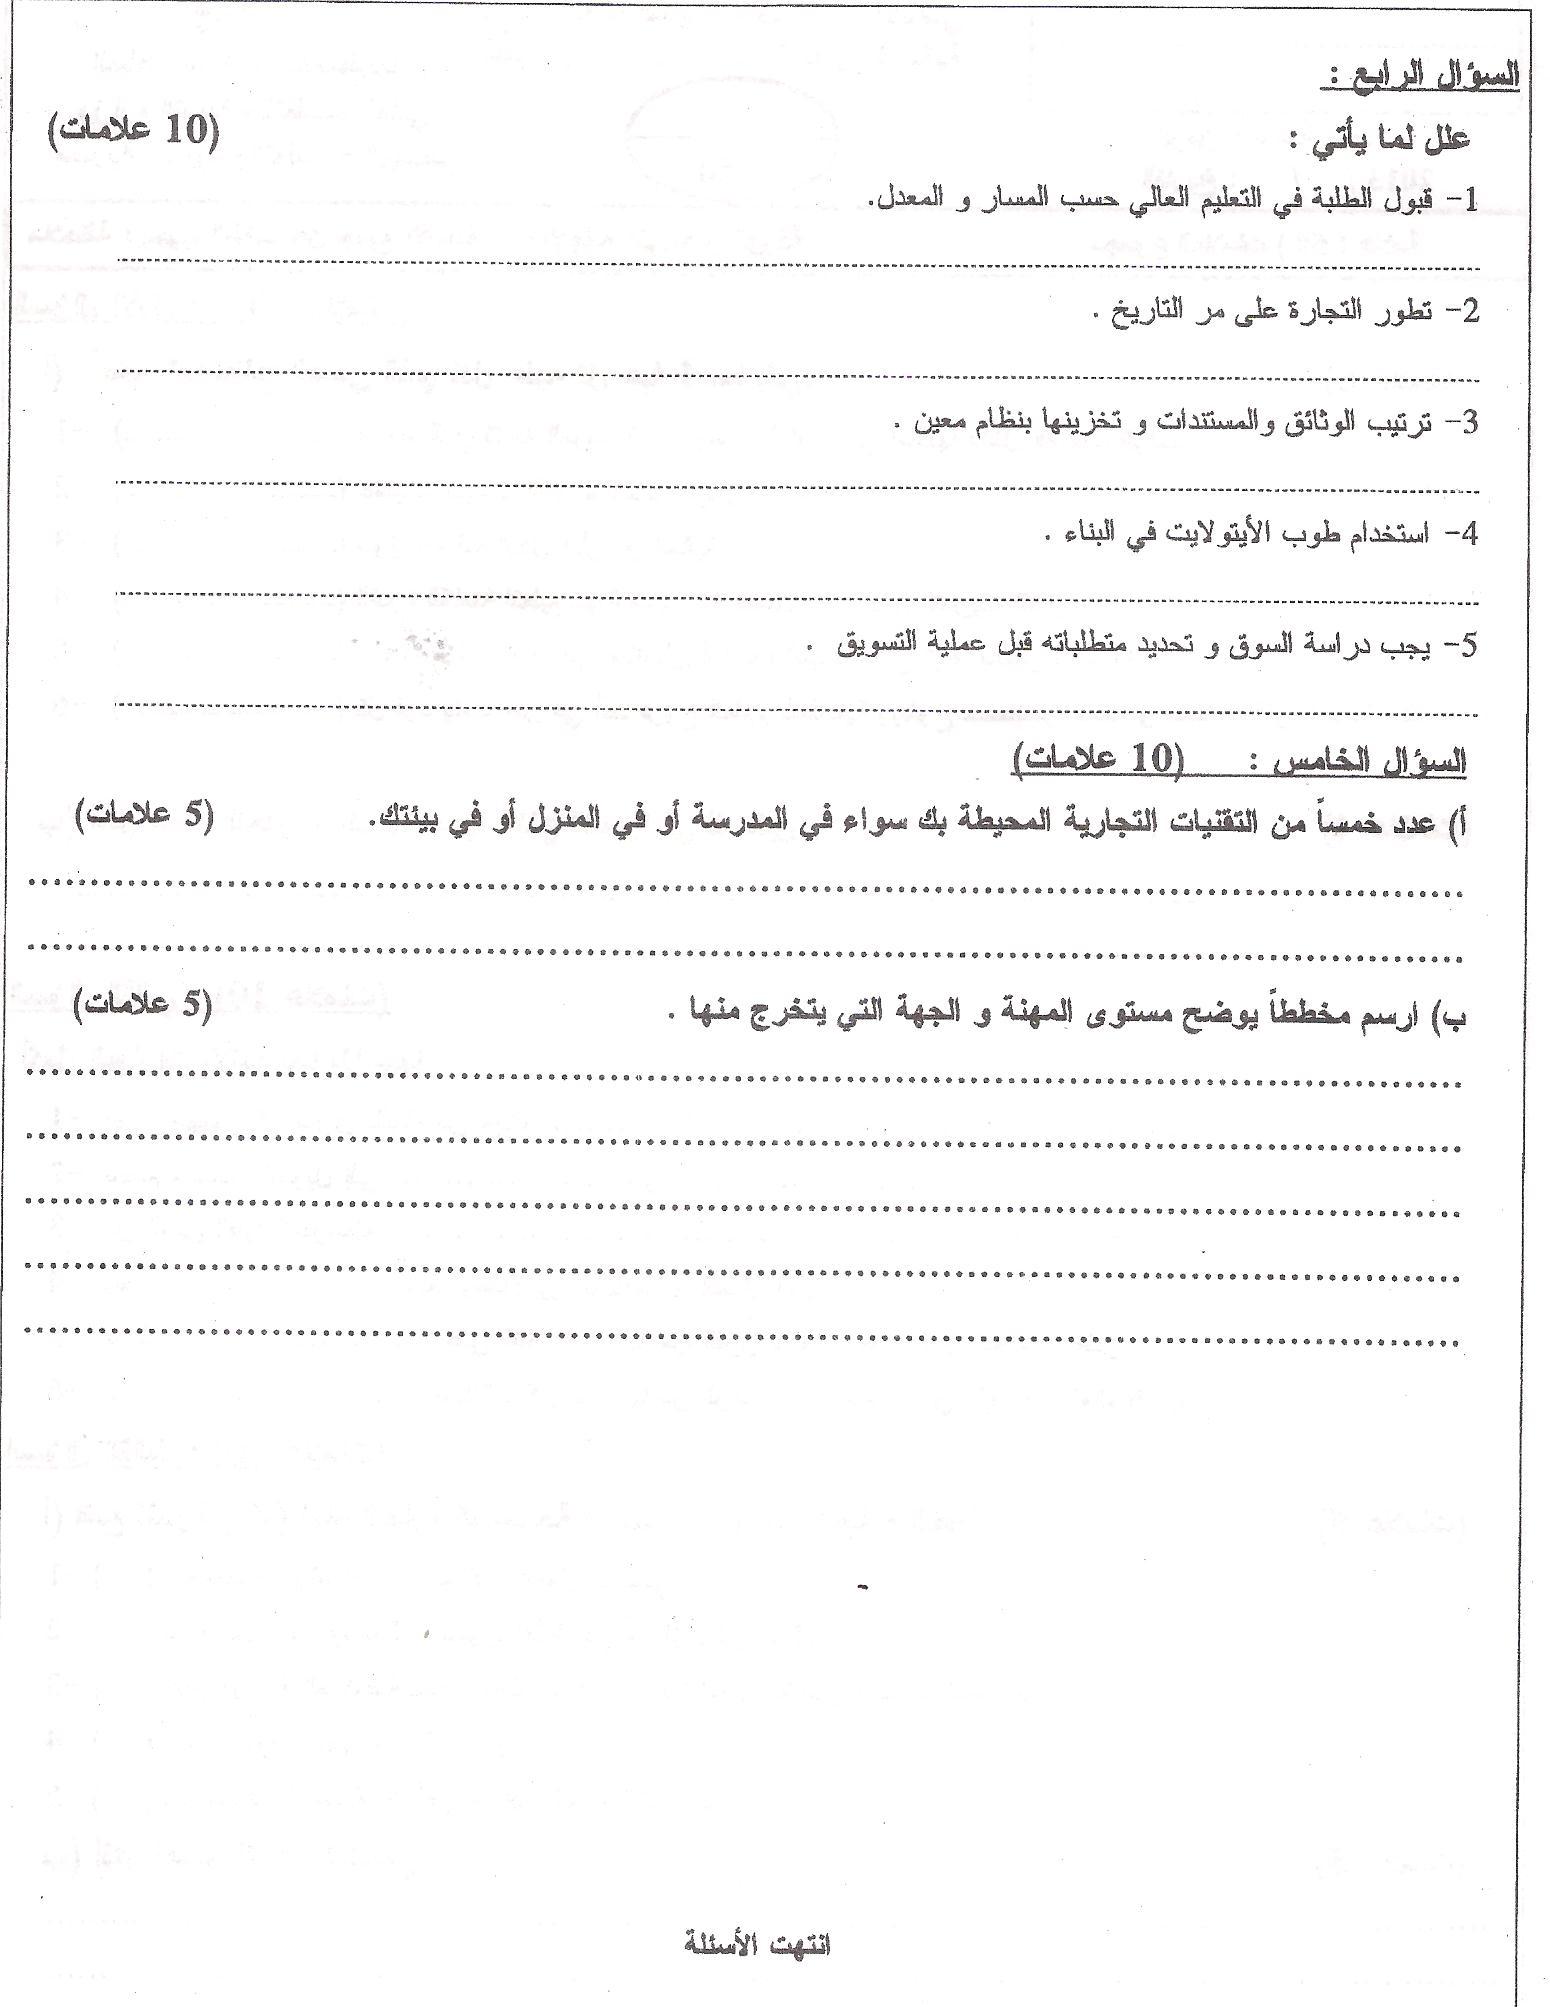 اختبار ثقافة تقنية للصف العاشر مسائي(نهاية الفصل الثاني) مديرية الوسطى 2012م -2013م 212